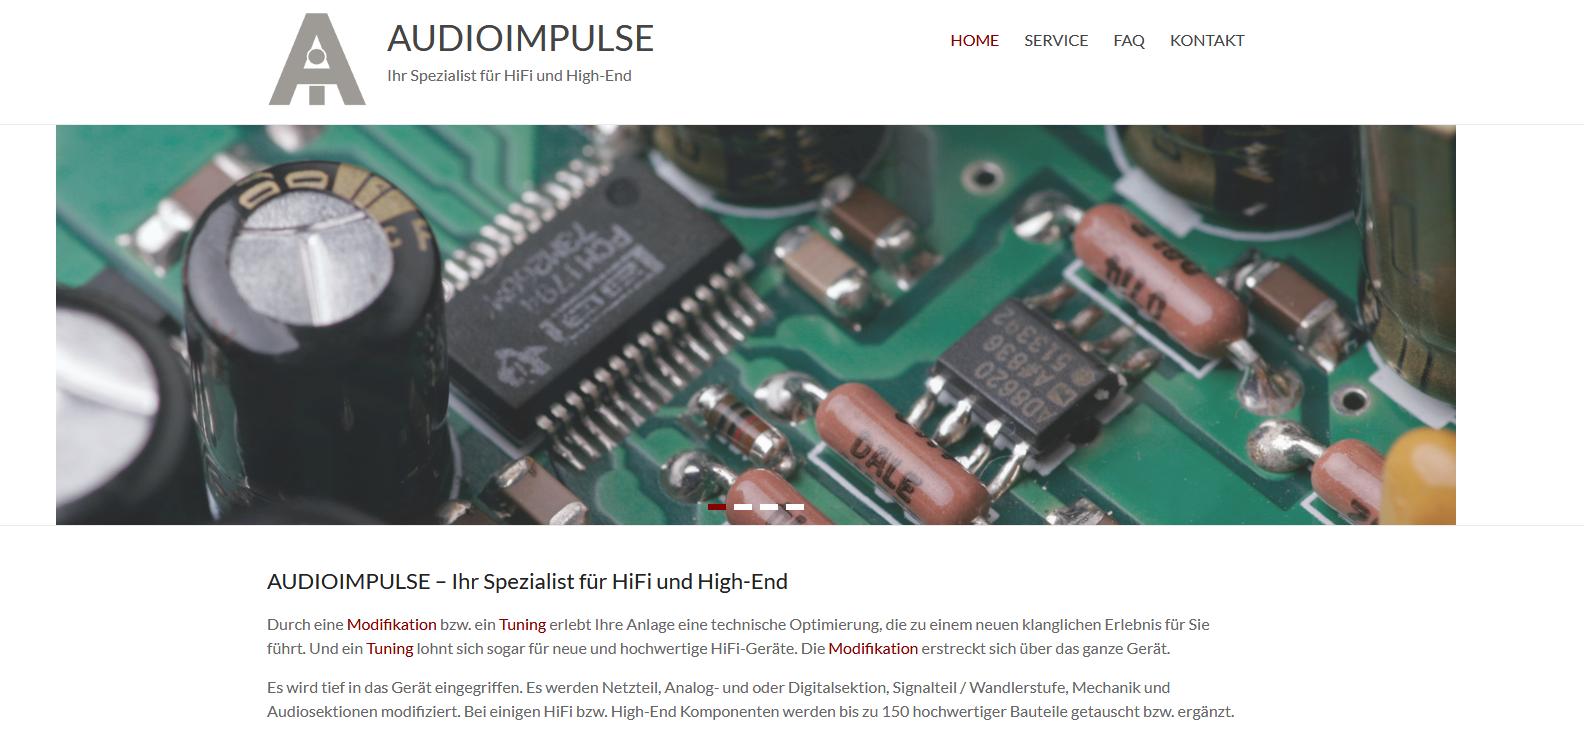 audioimpulse